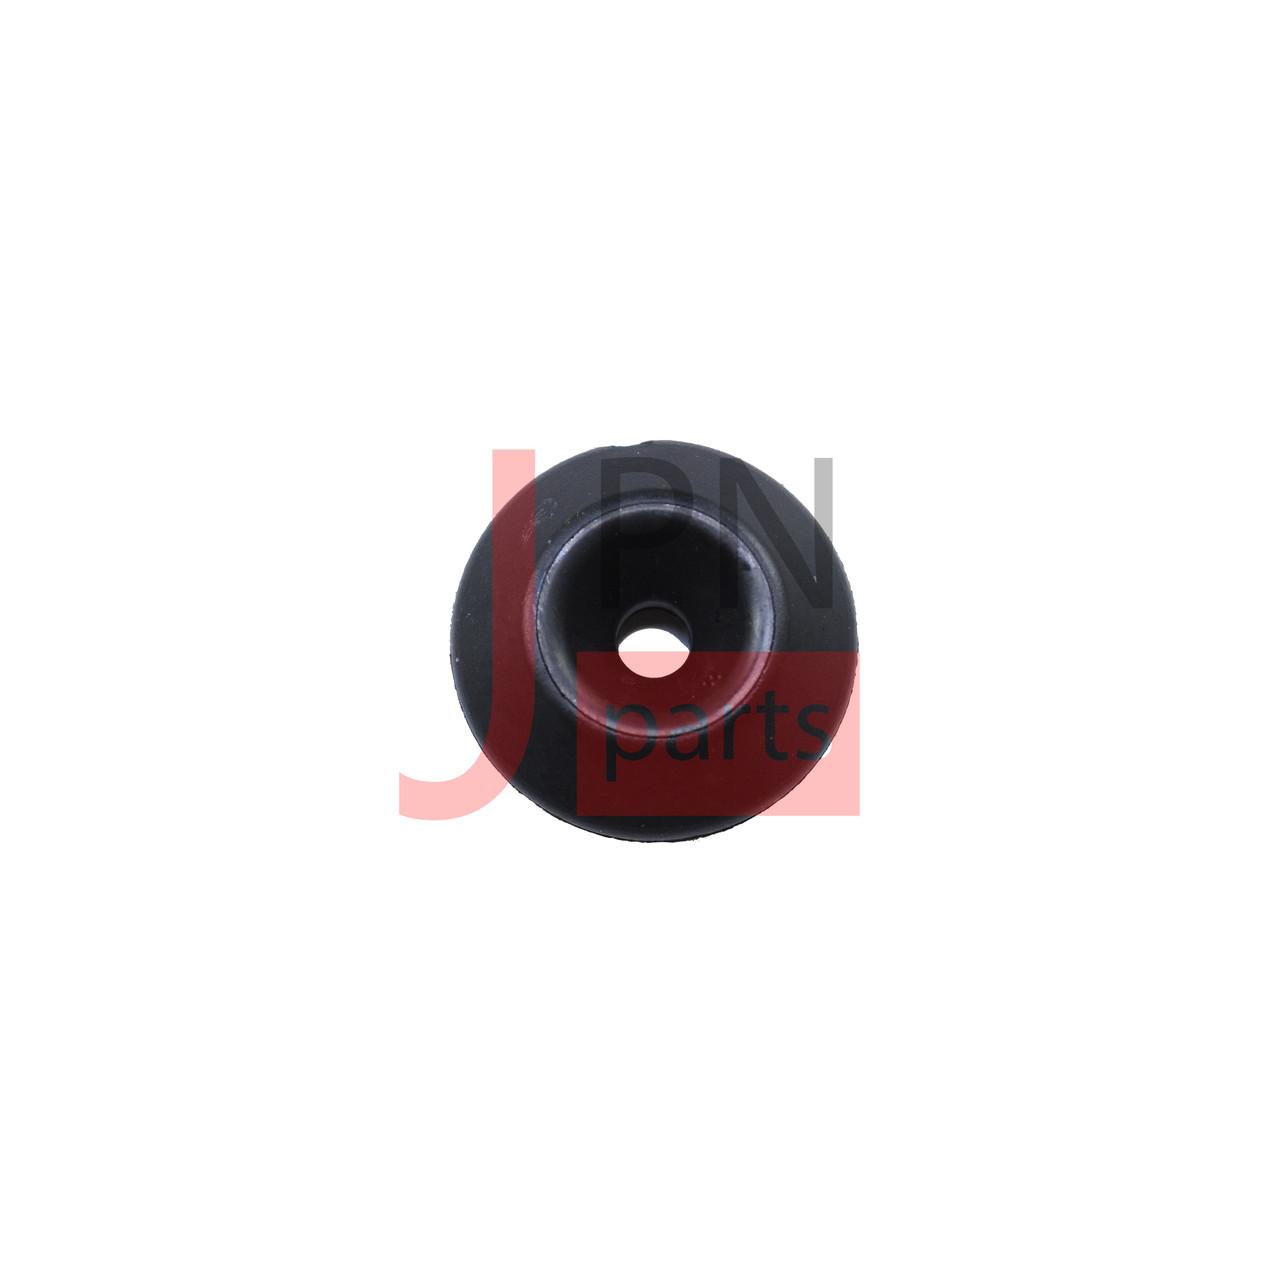 Втулка клапанной крышки MITSUBISHI CANTER FUSO 659/859 (ME011282) MITSUBISHI